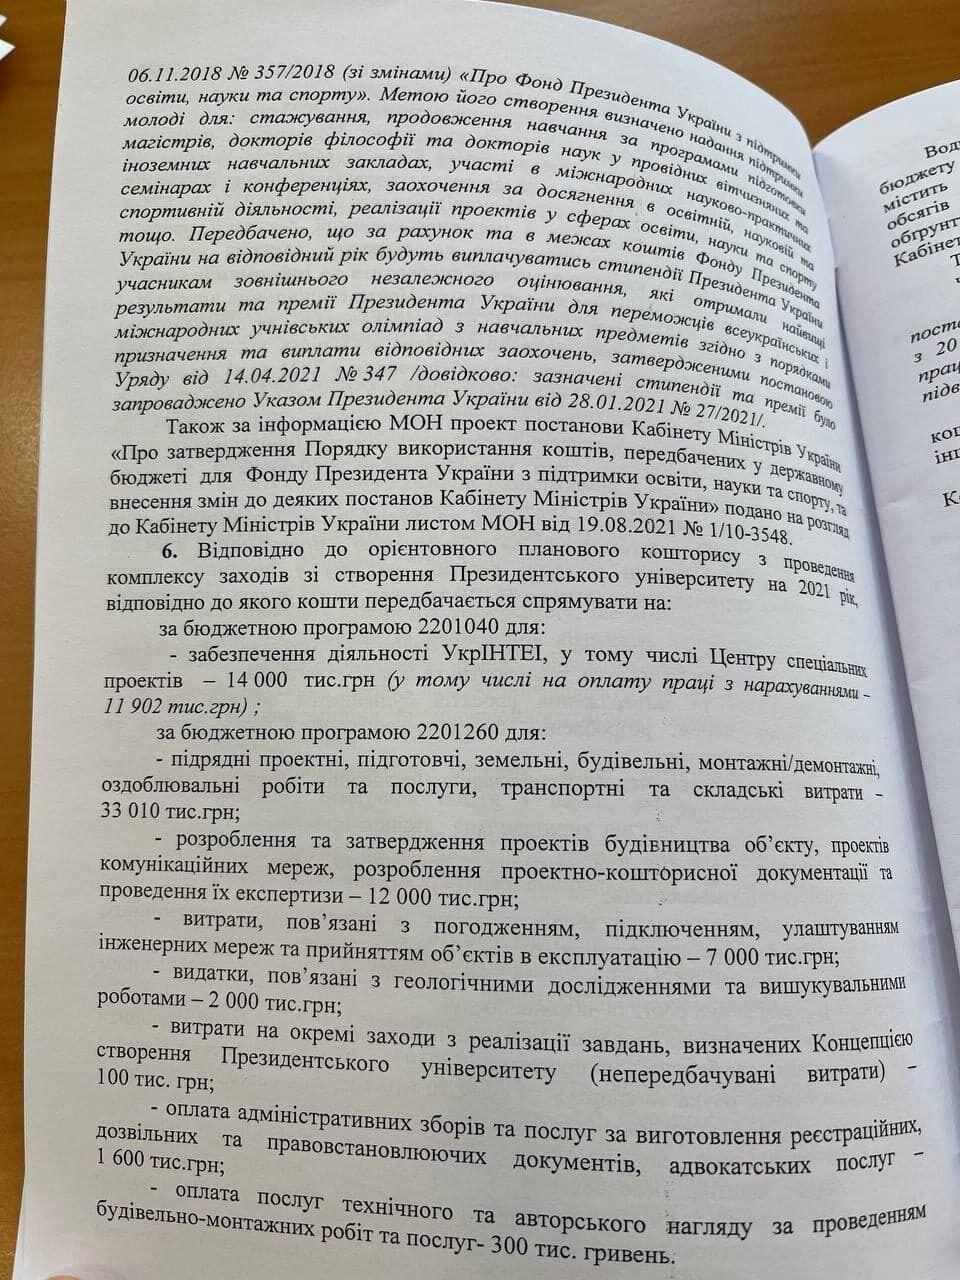 Проєкт рішення про фінансування Президентського університету.